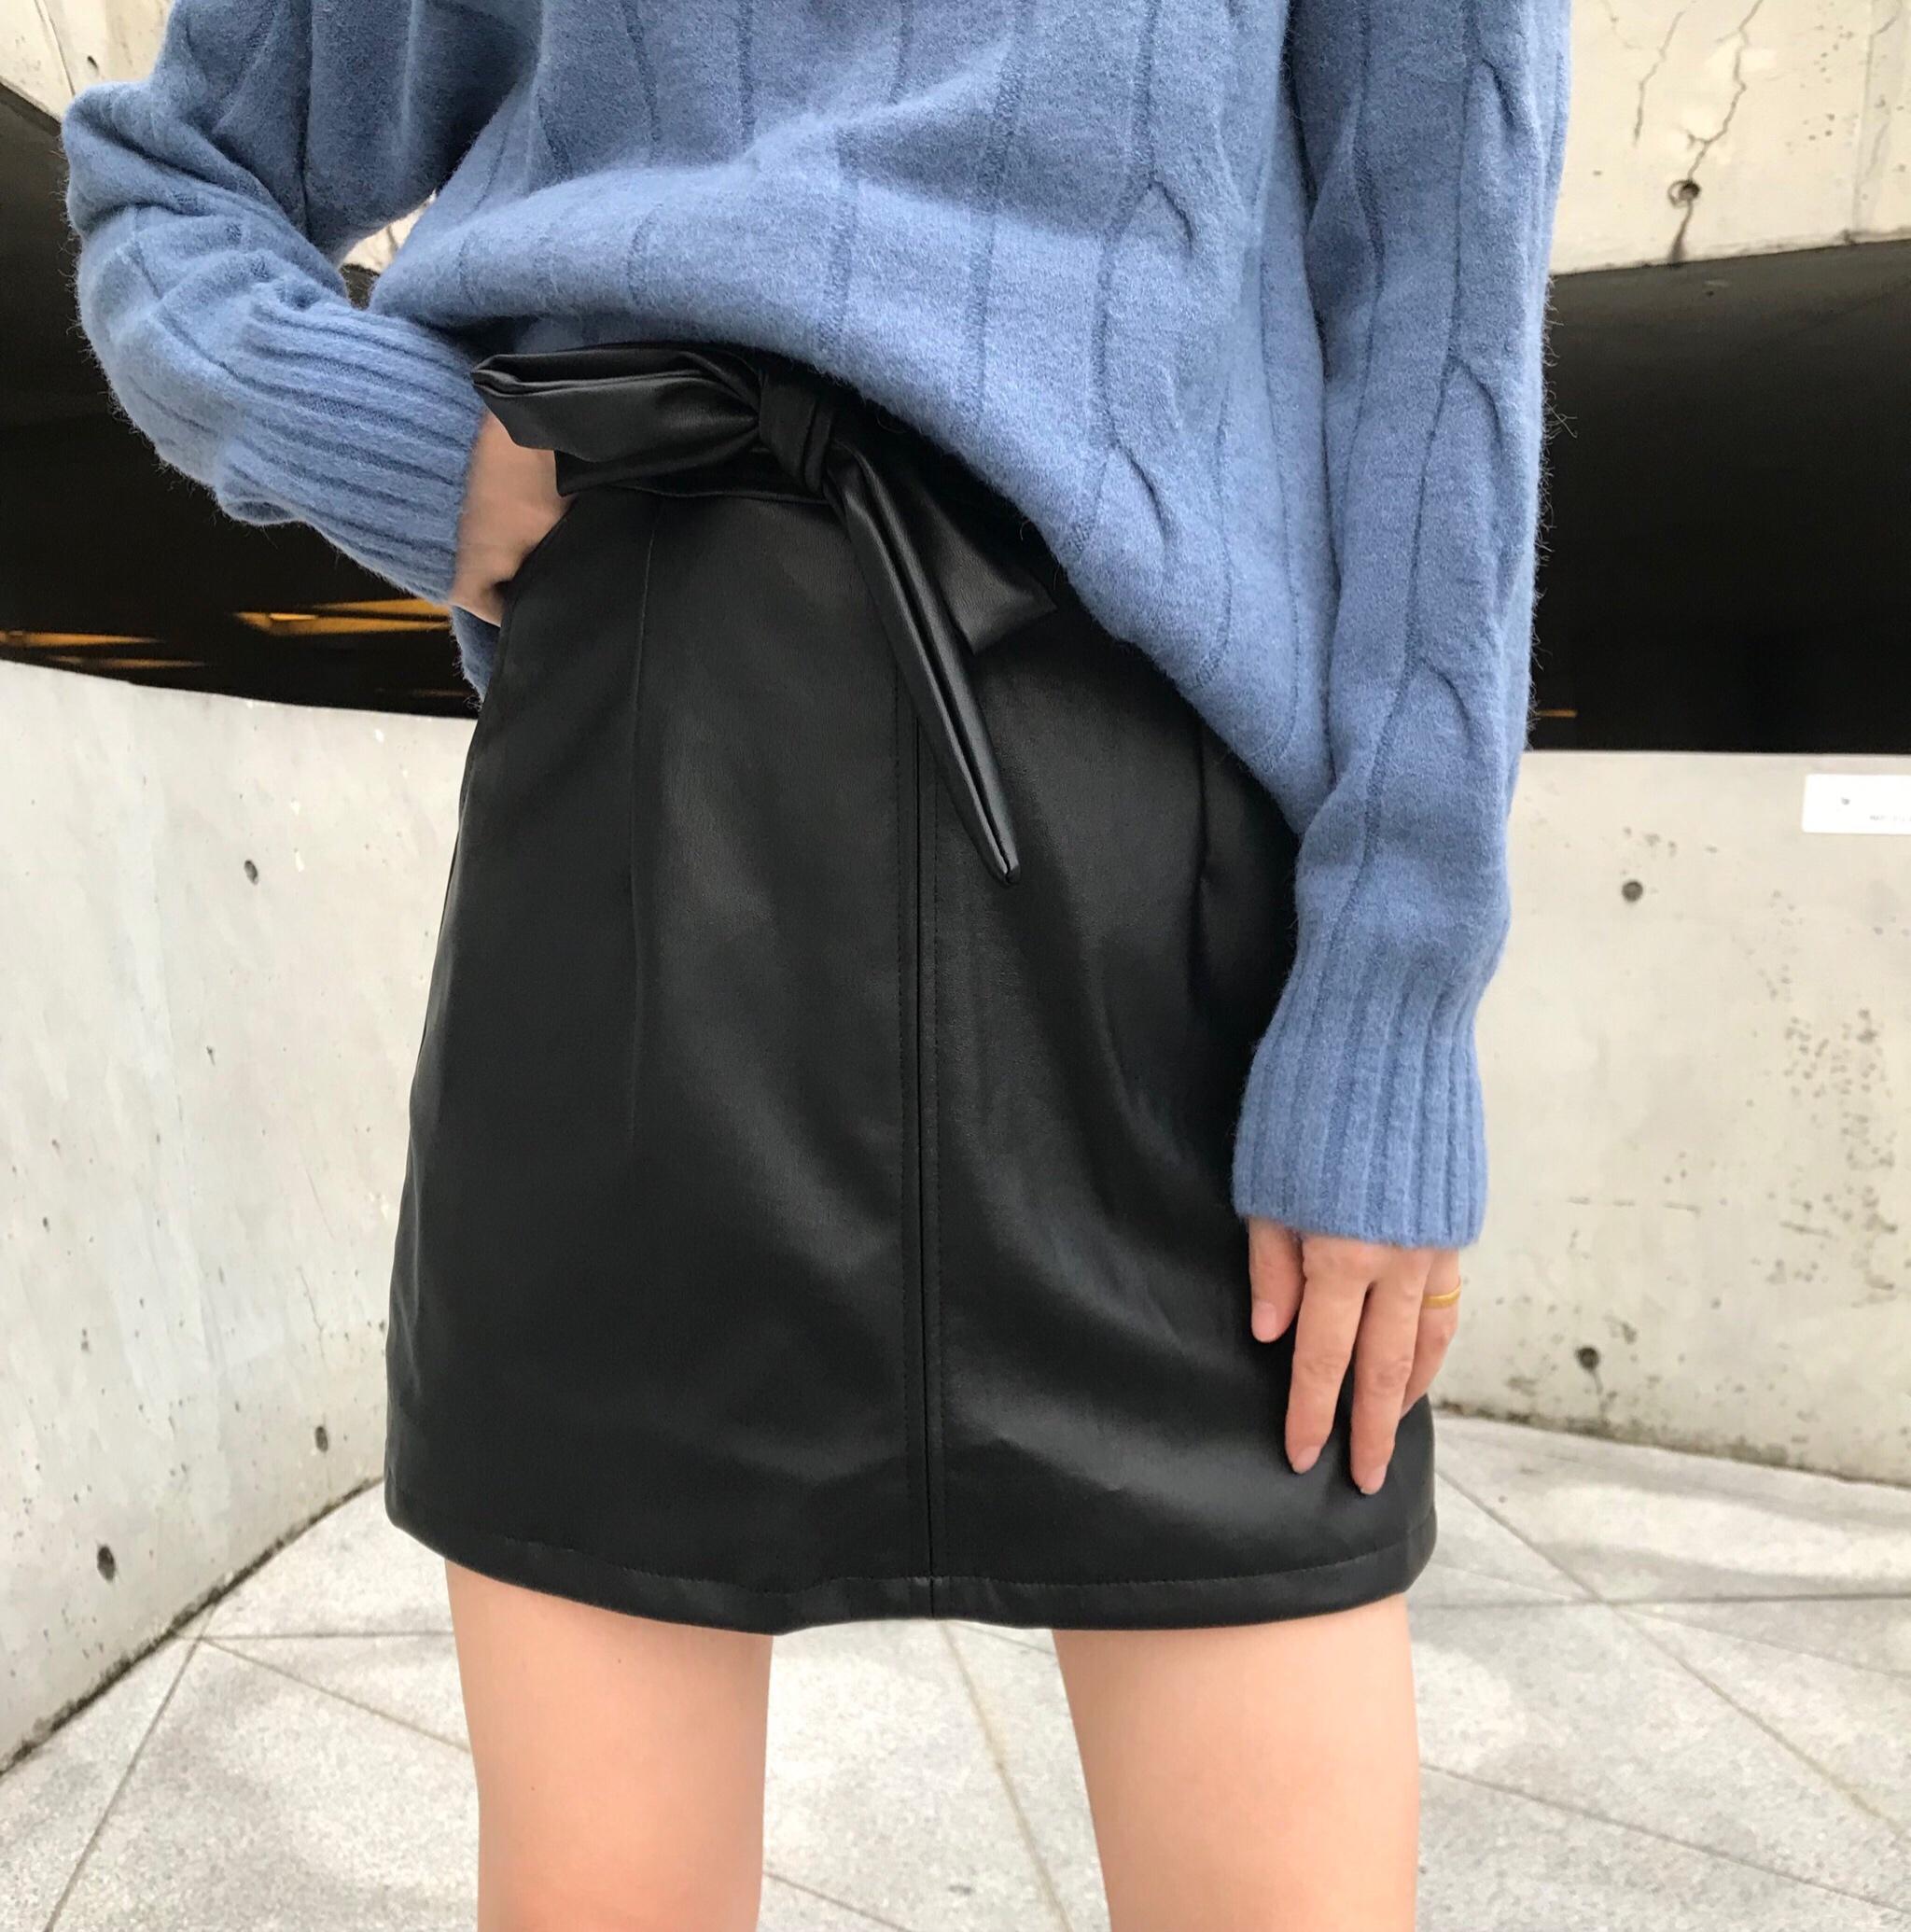 2019秋冬新款气质纯色直筒显腿长减龄包臀洋气半身裙女潮-Q.R.M-